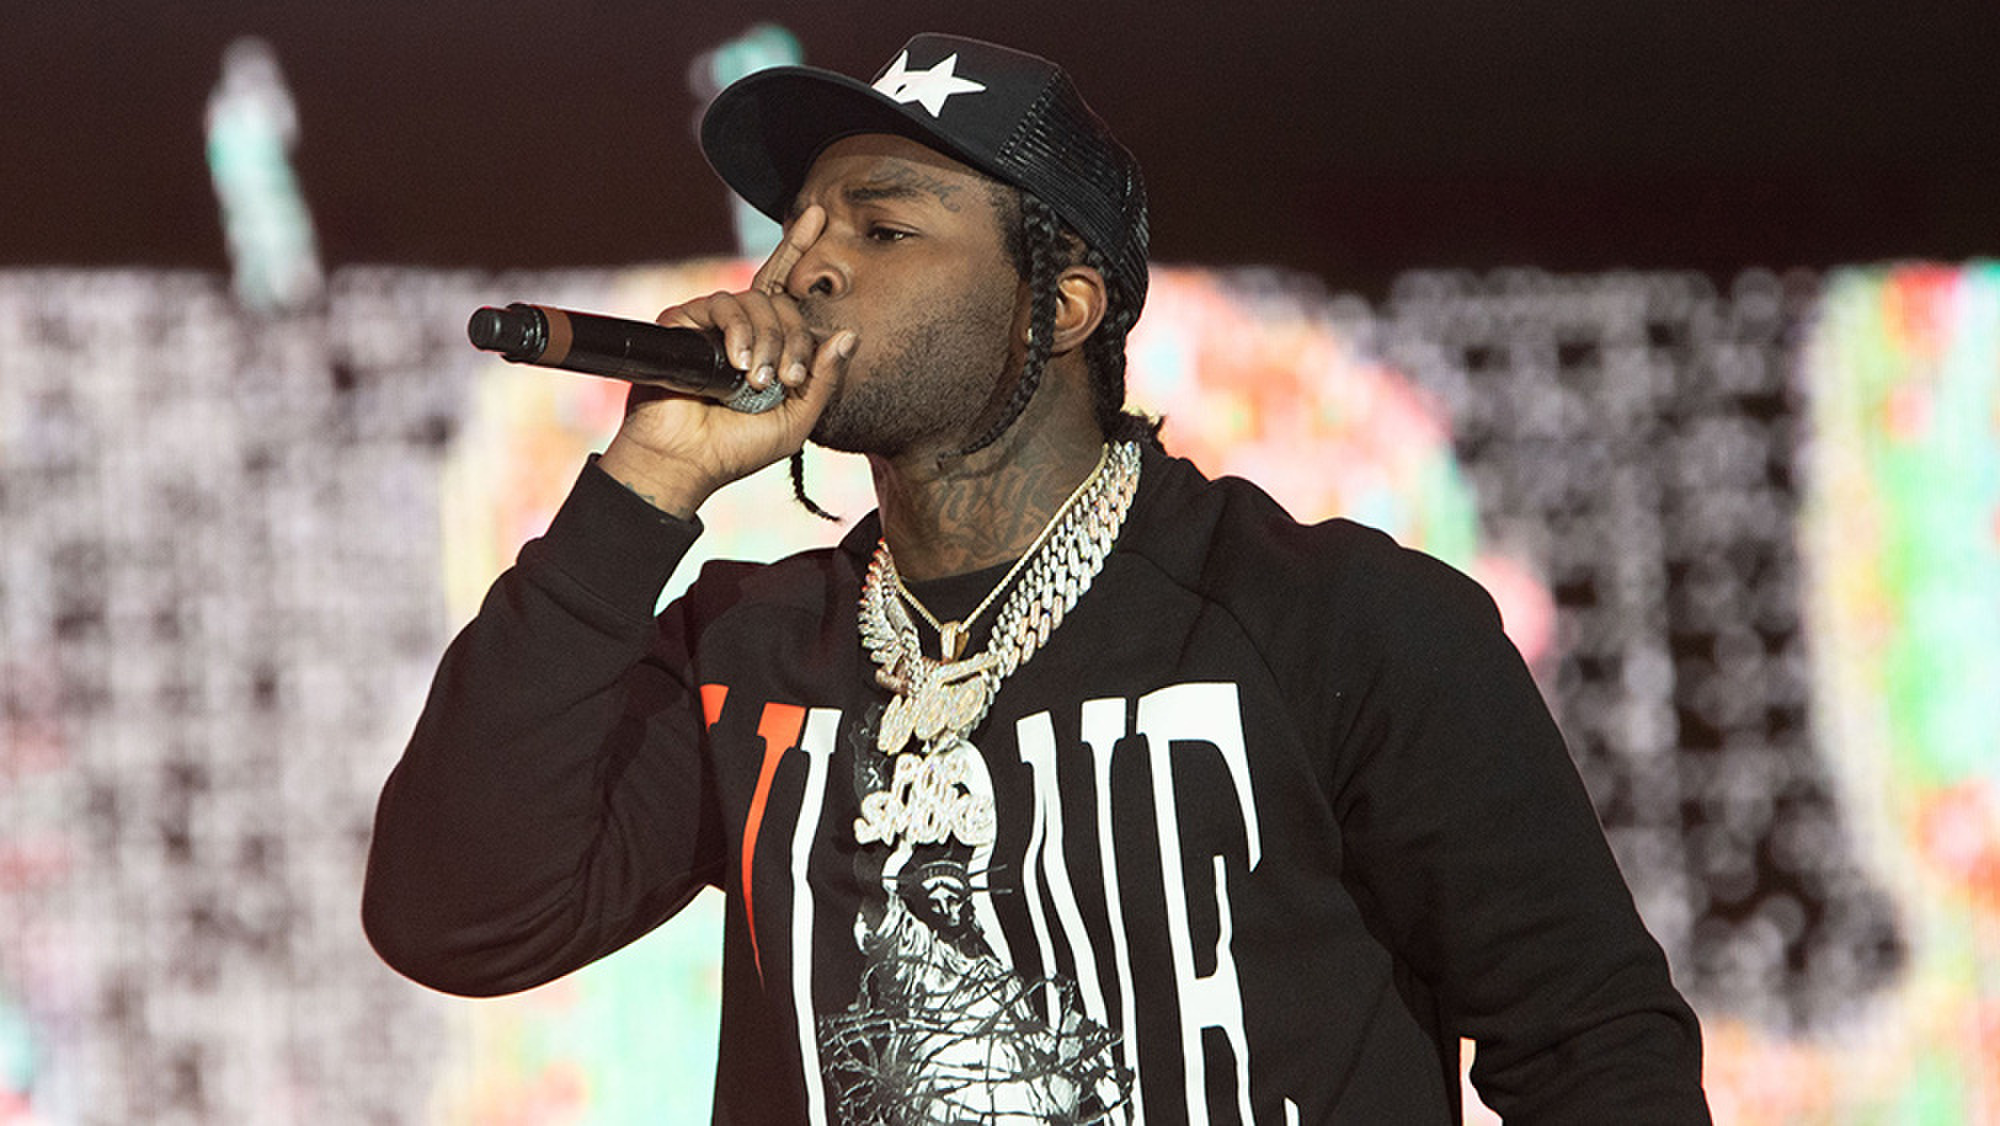 Hip-hop: Từ gốc gác bình dân cho đến 'đế chế' văn hóa hùng mạnh Ảnh 6